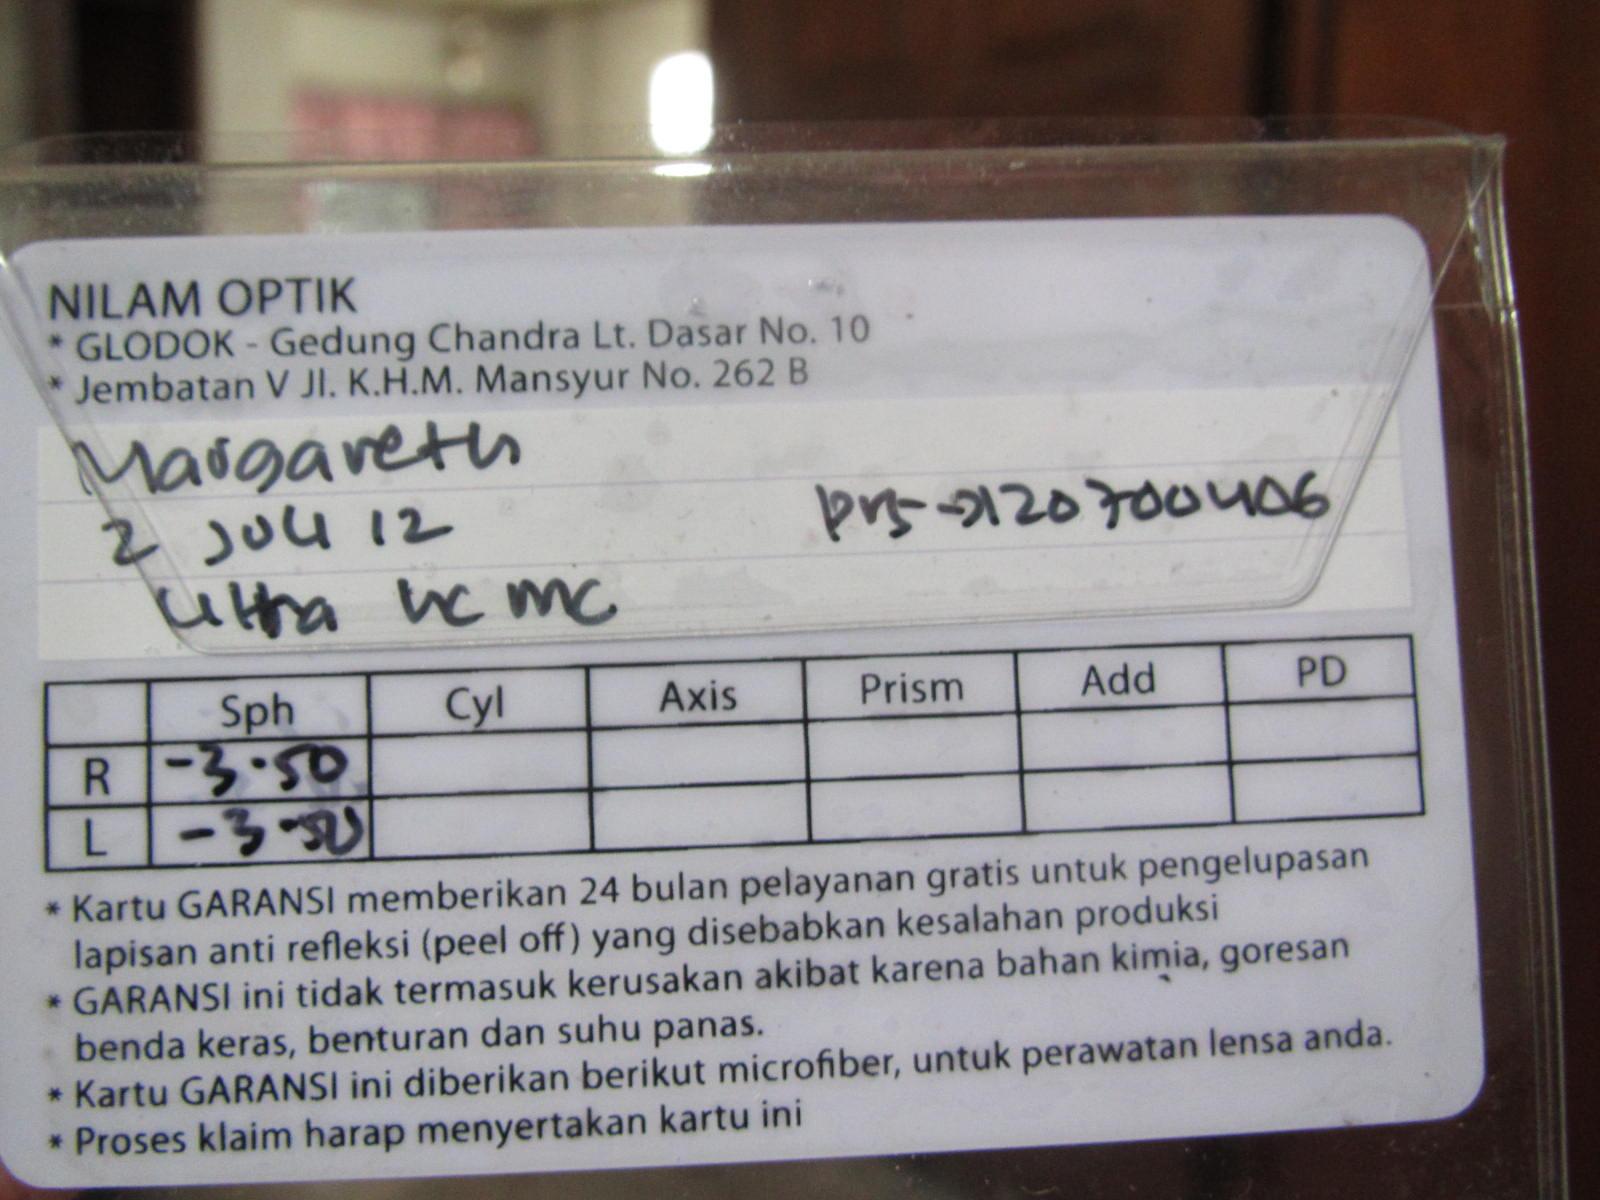 Kacamata 3 4 Jt By Kwitansi Optik Toko Software Bali